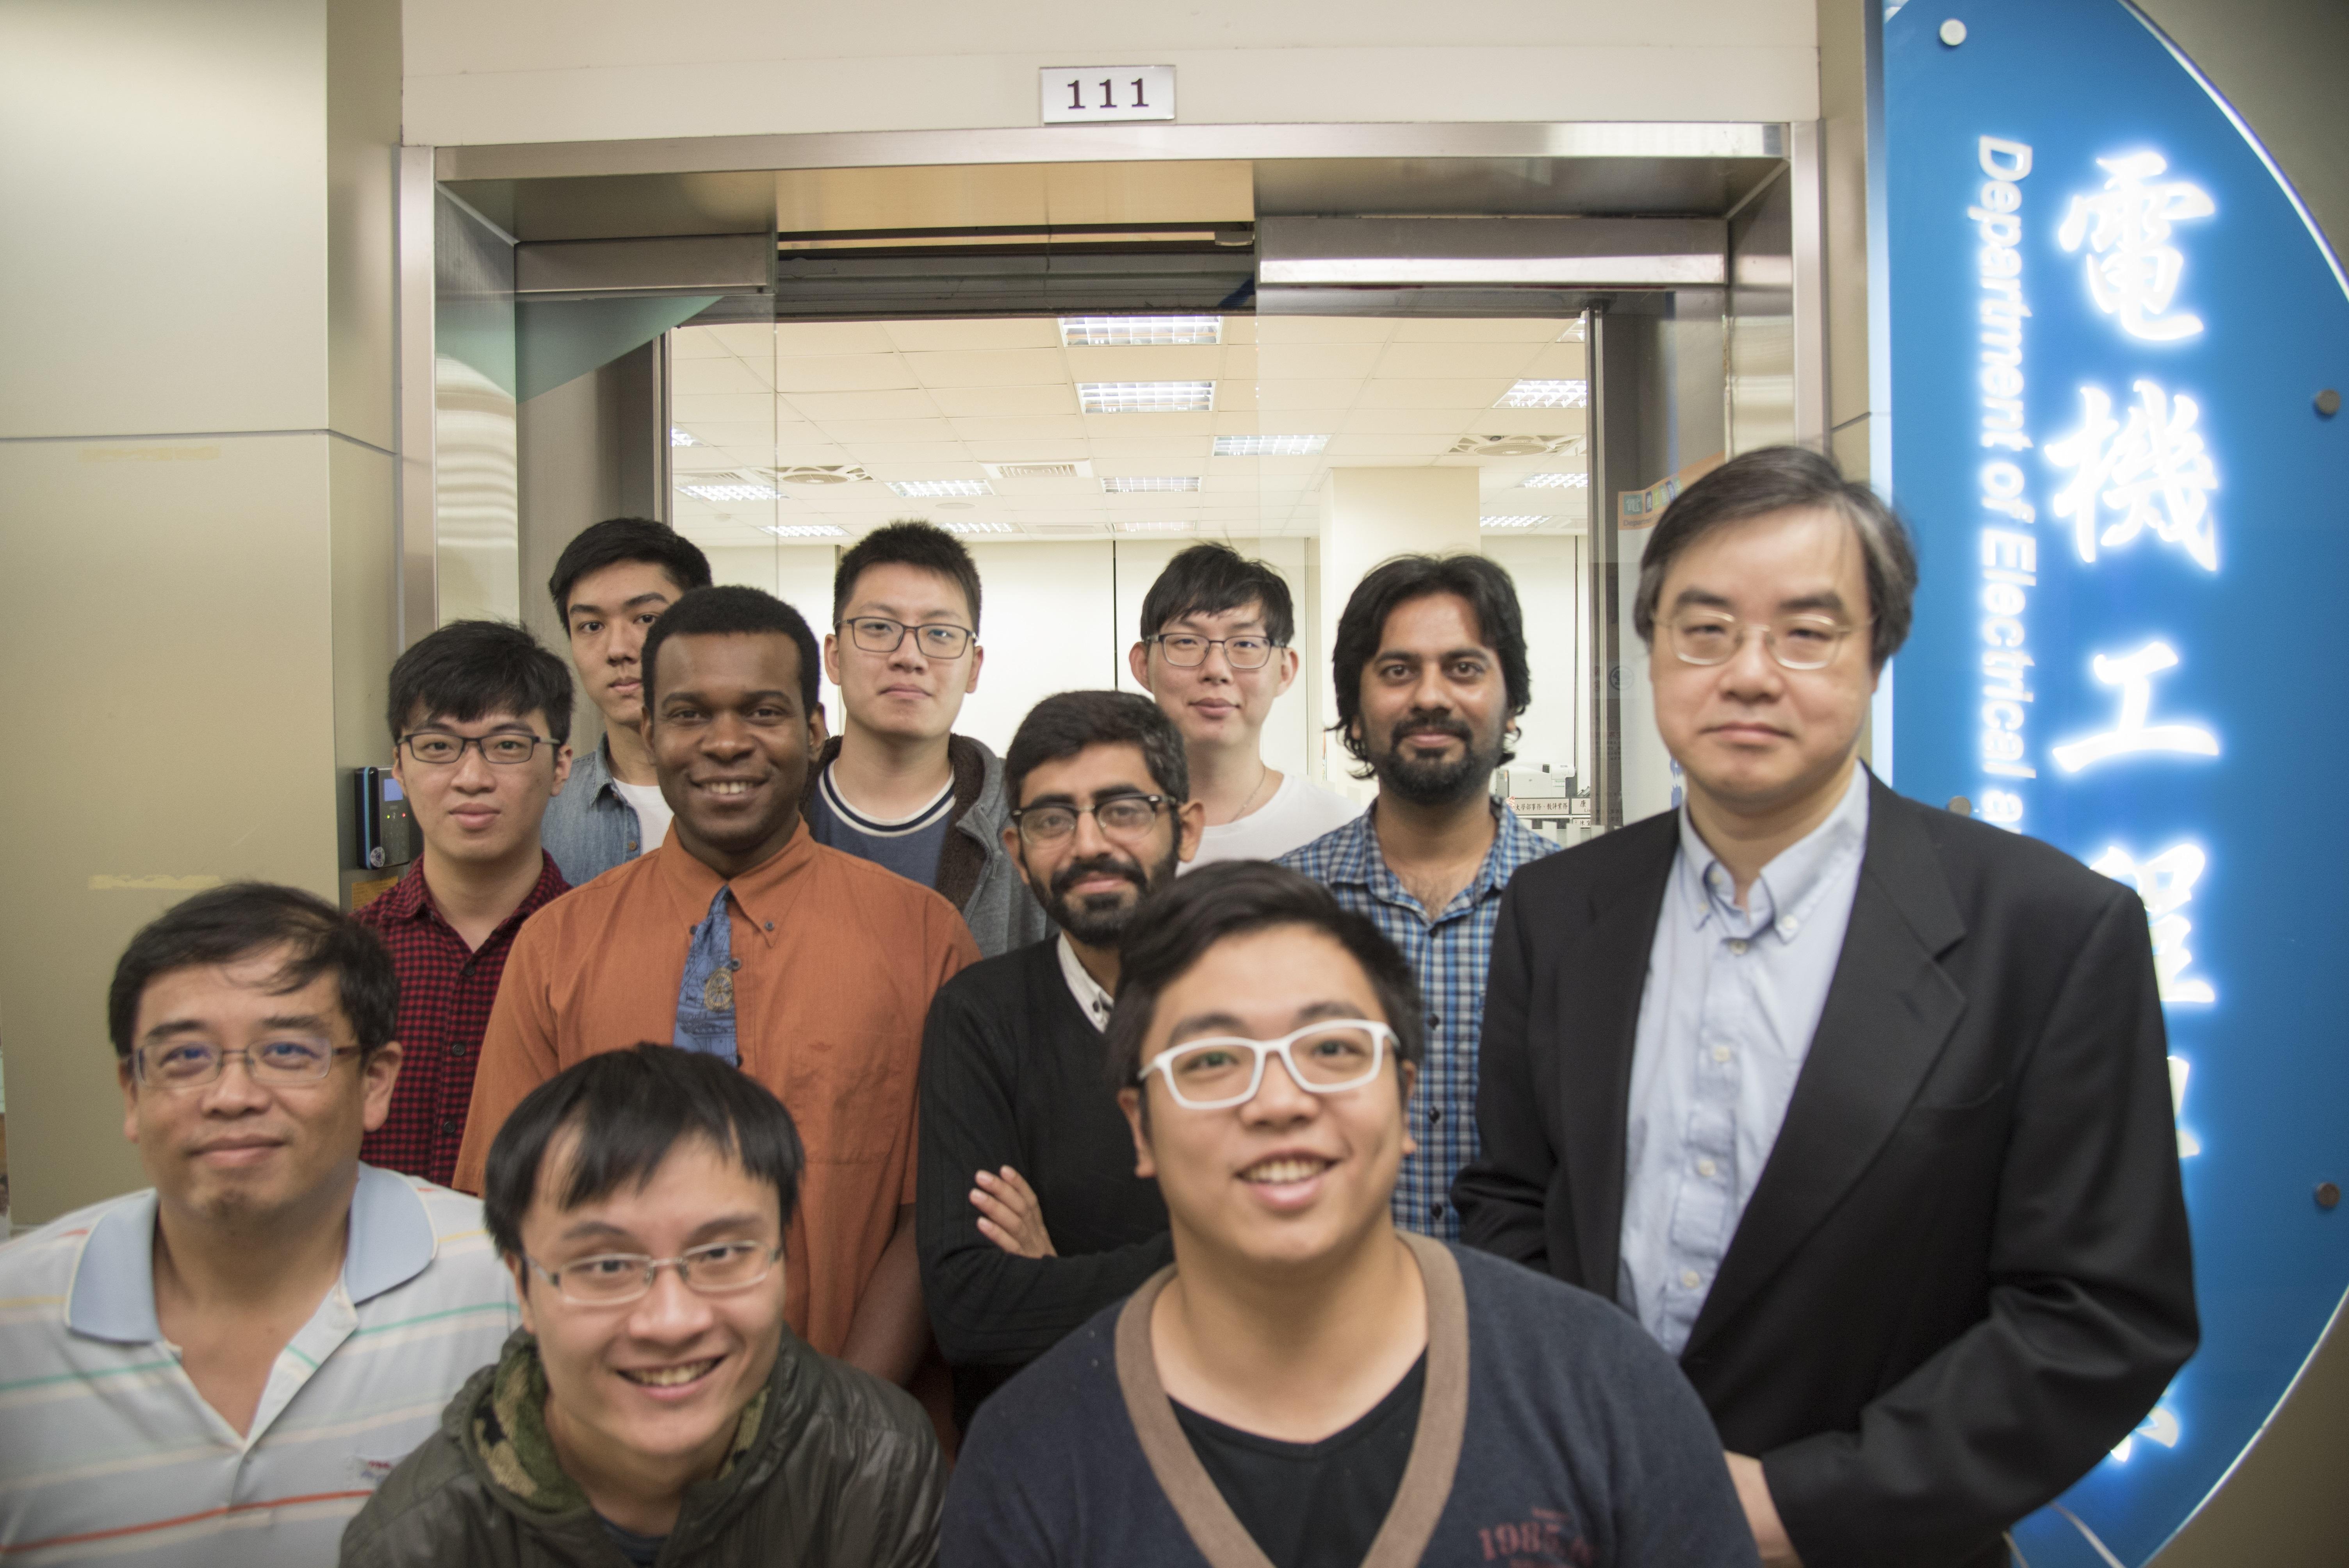 Lab team members